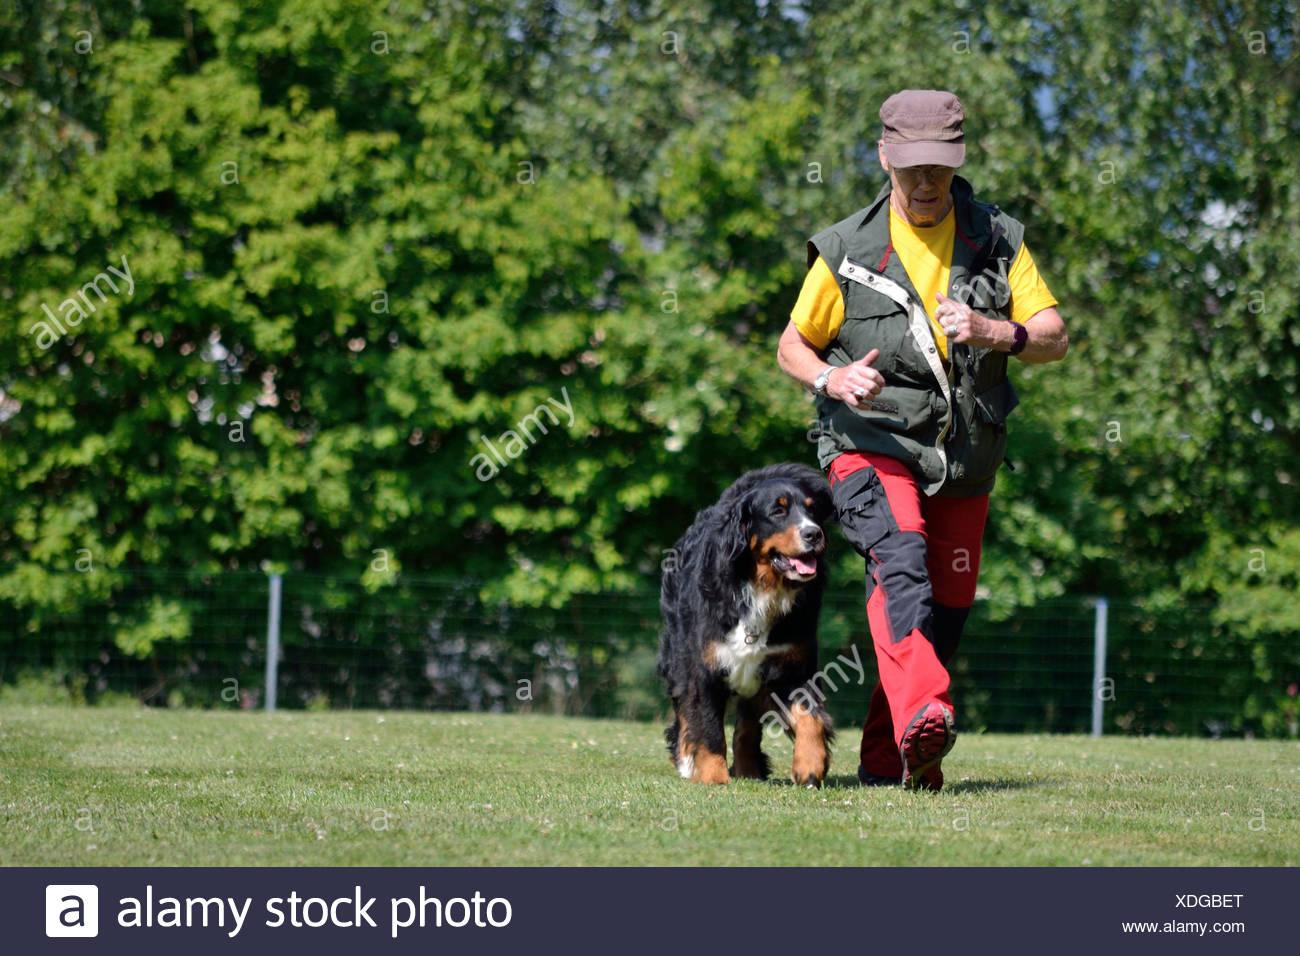 Dog owner at the dog training Stock Photo